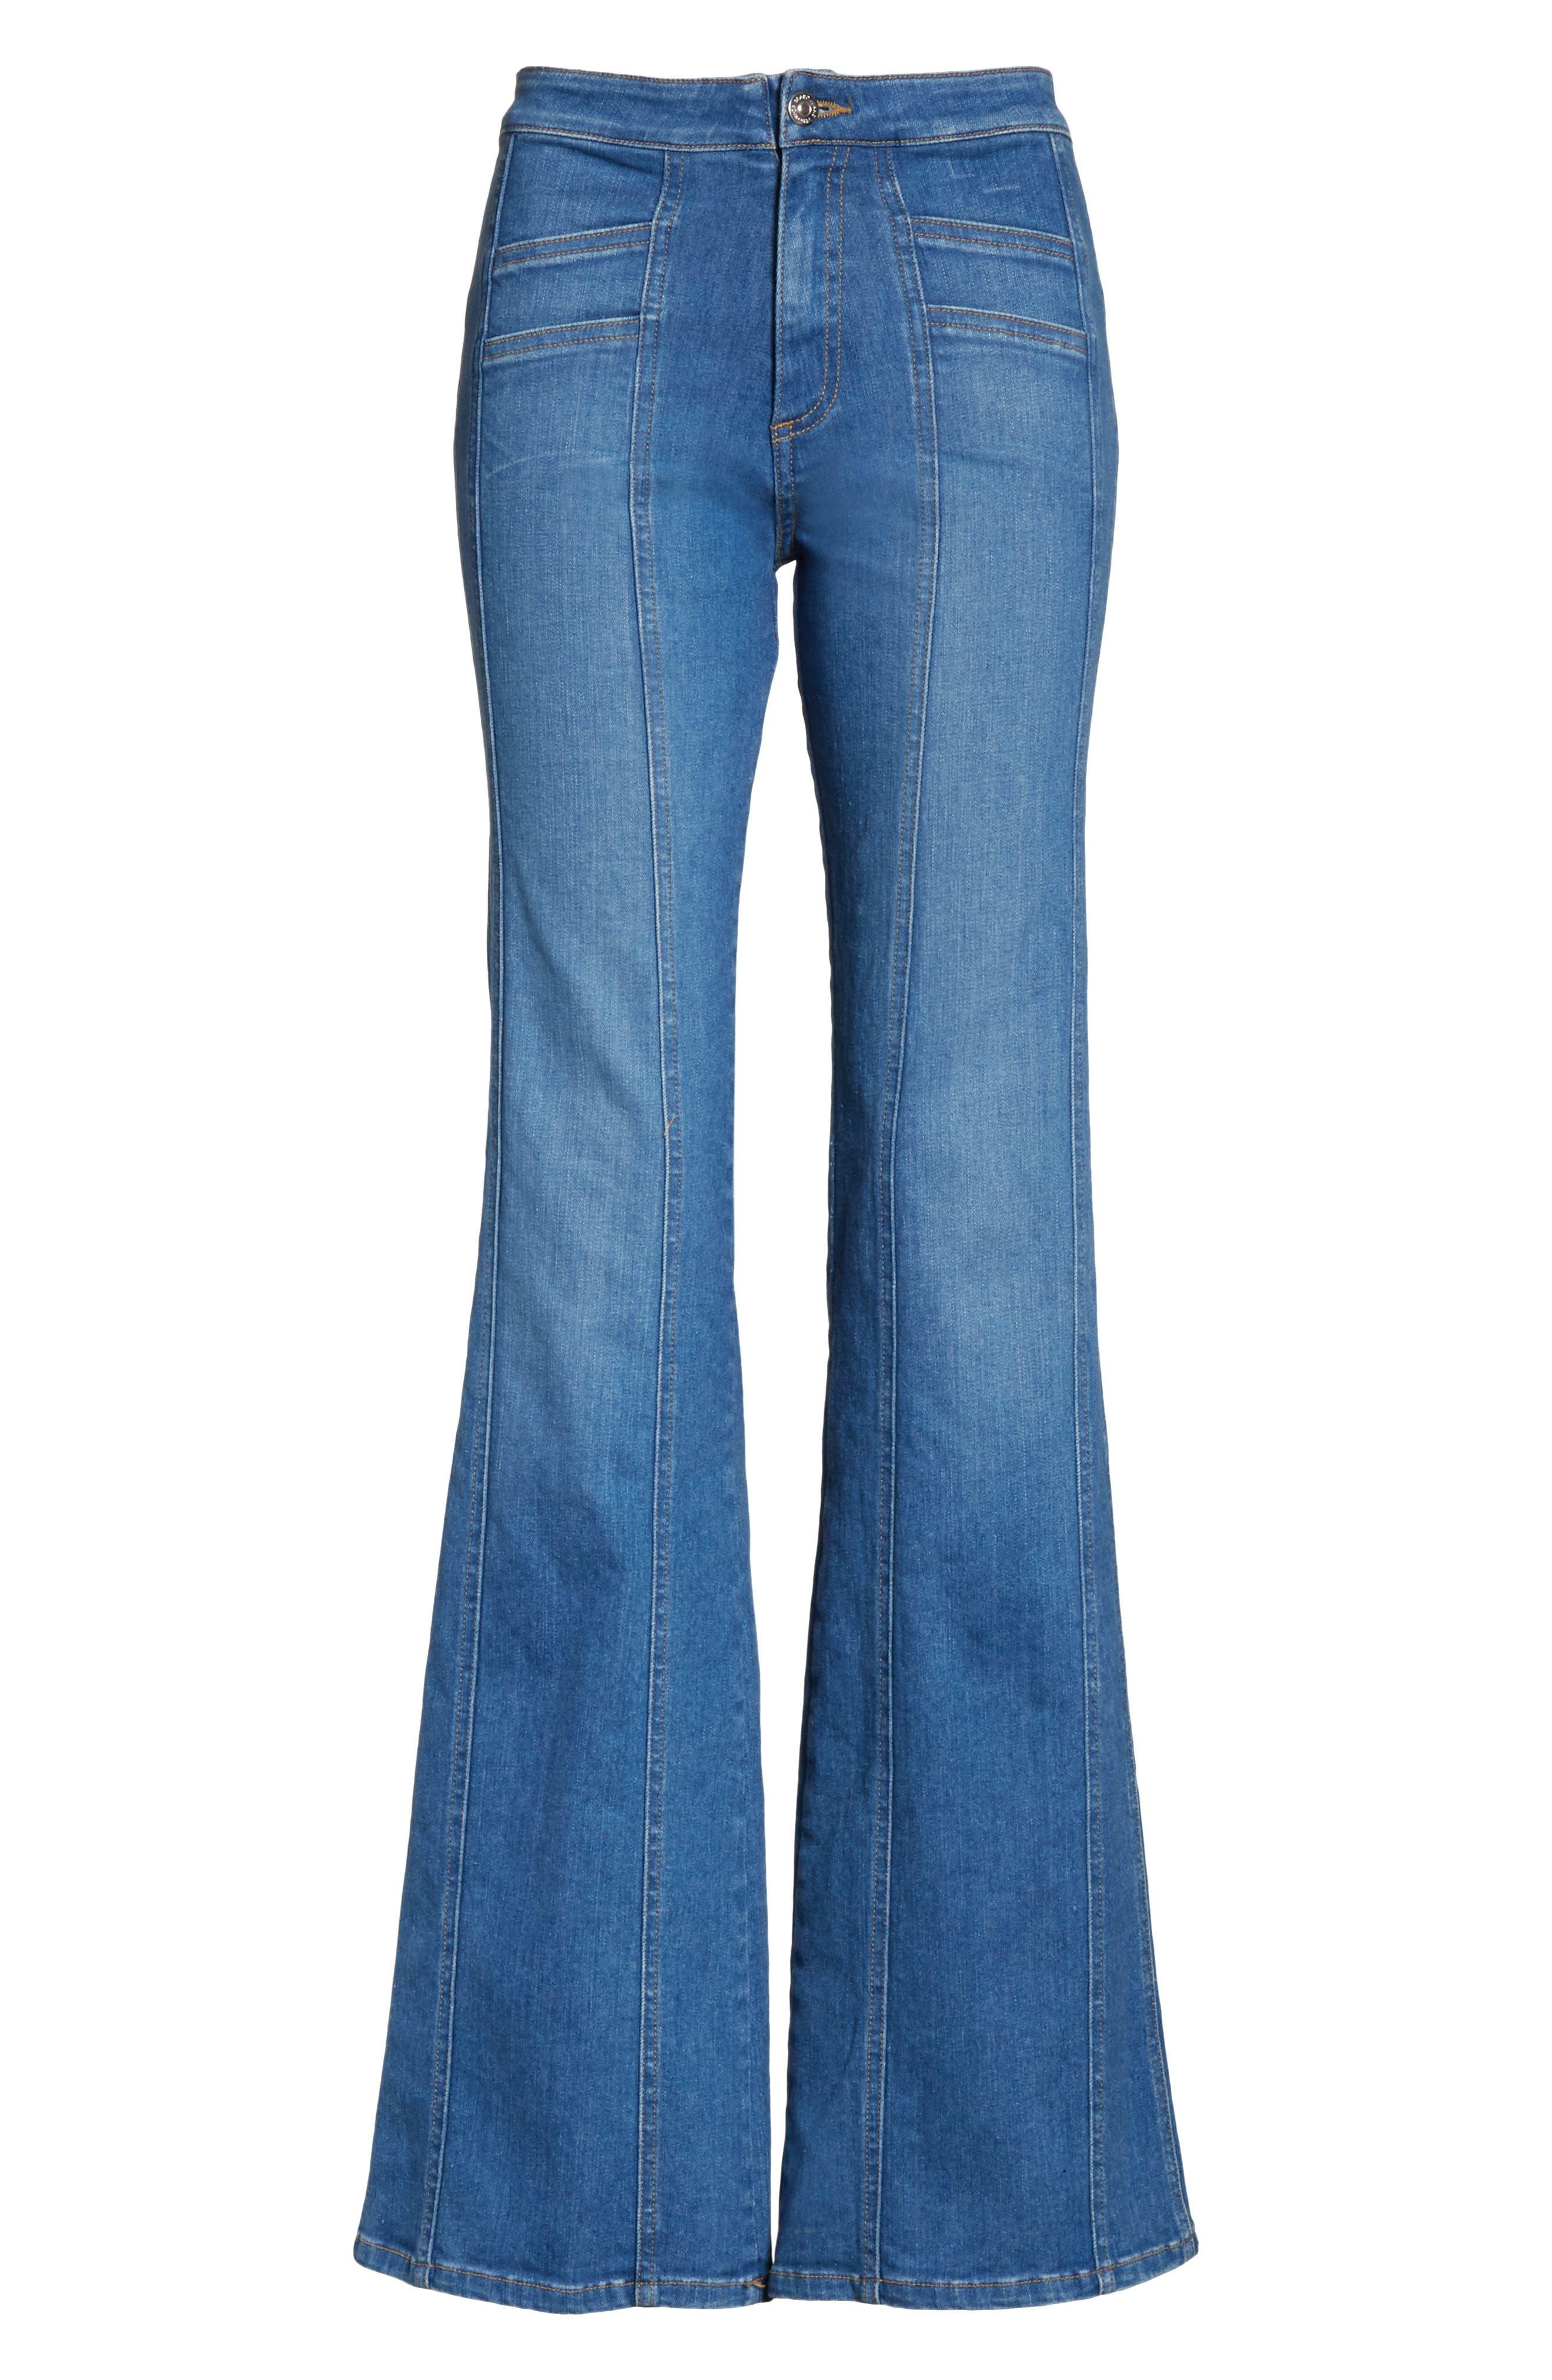 Farrah Wide Leg Jeans,                             Alternate thumbnail 6, color,                             400